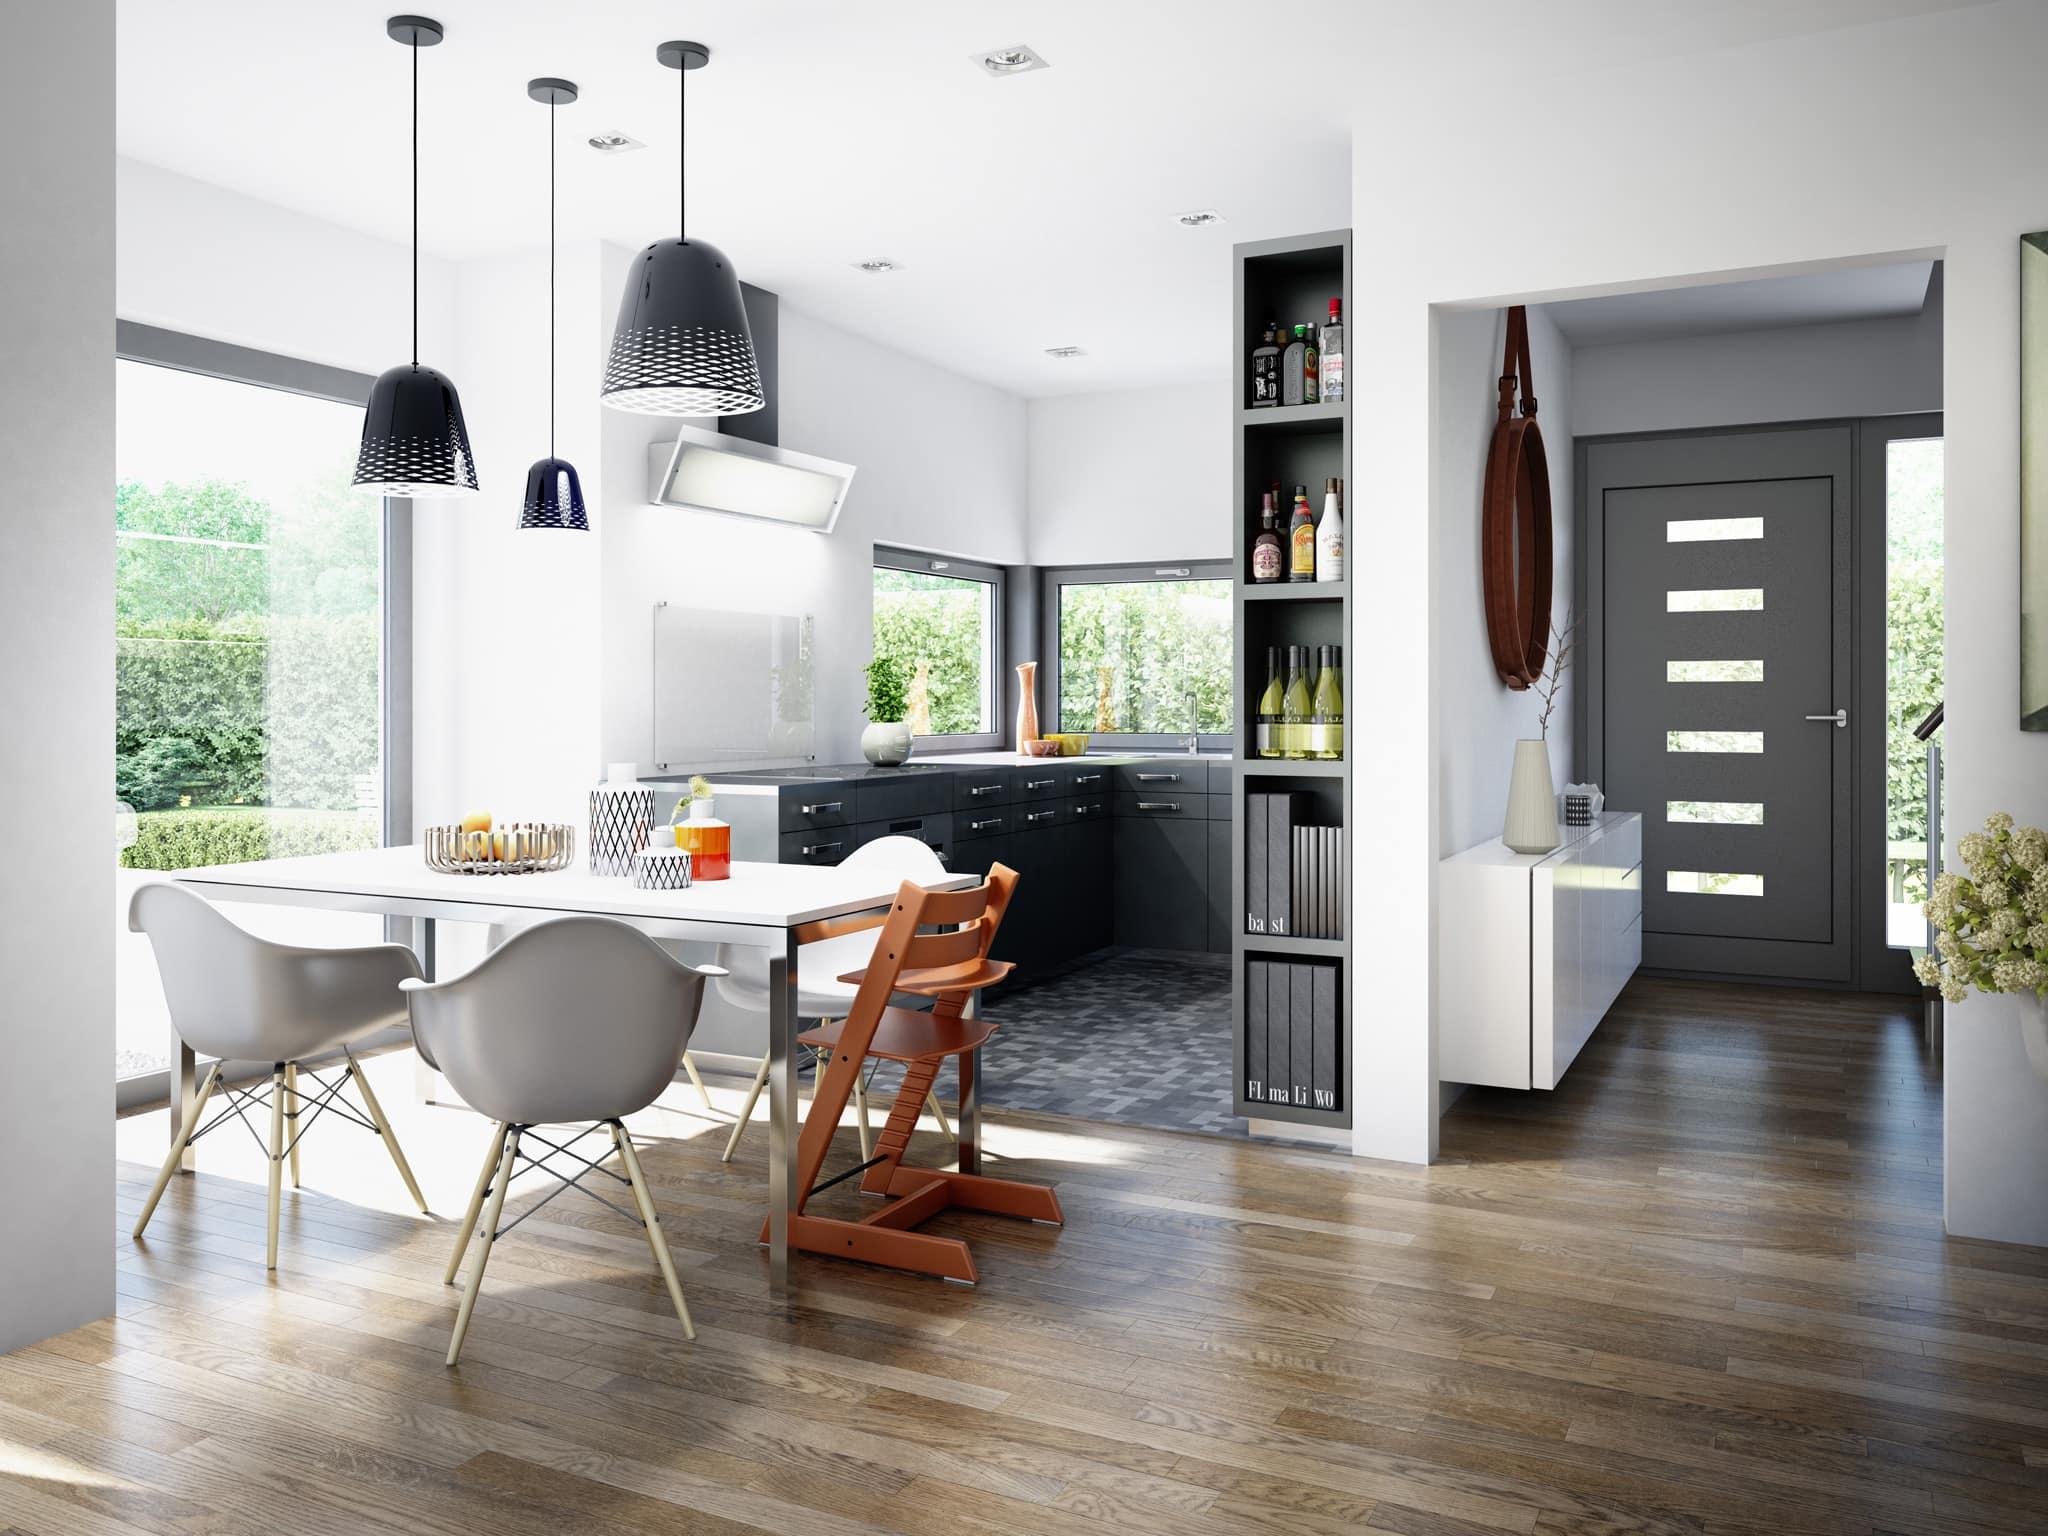 Offene Wohnküche modern mit Esstisch - Inneneinrichtung Fertighaus Stadtvilla Living Haus SUNSHINE 151 V8 - HausbauDirekt.de